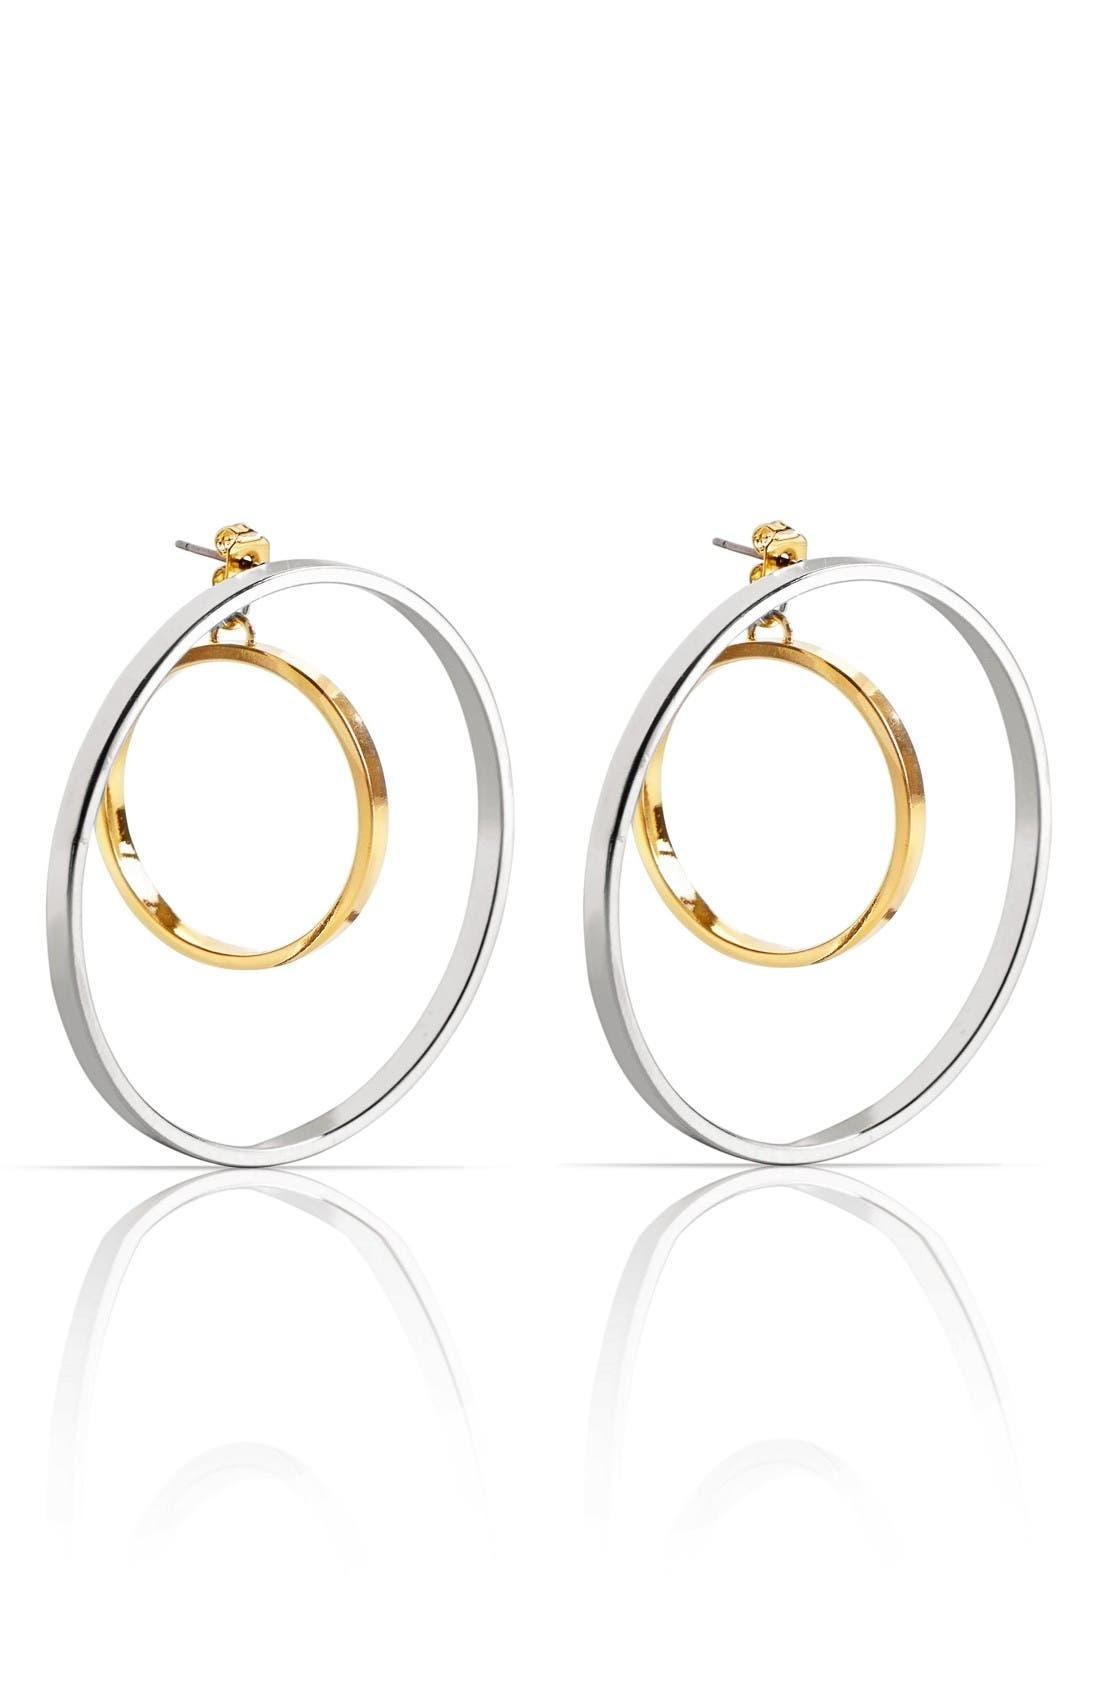 Main Image - Jenny Bird Rise Hoop Earrings